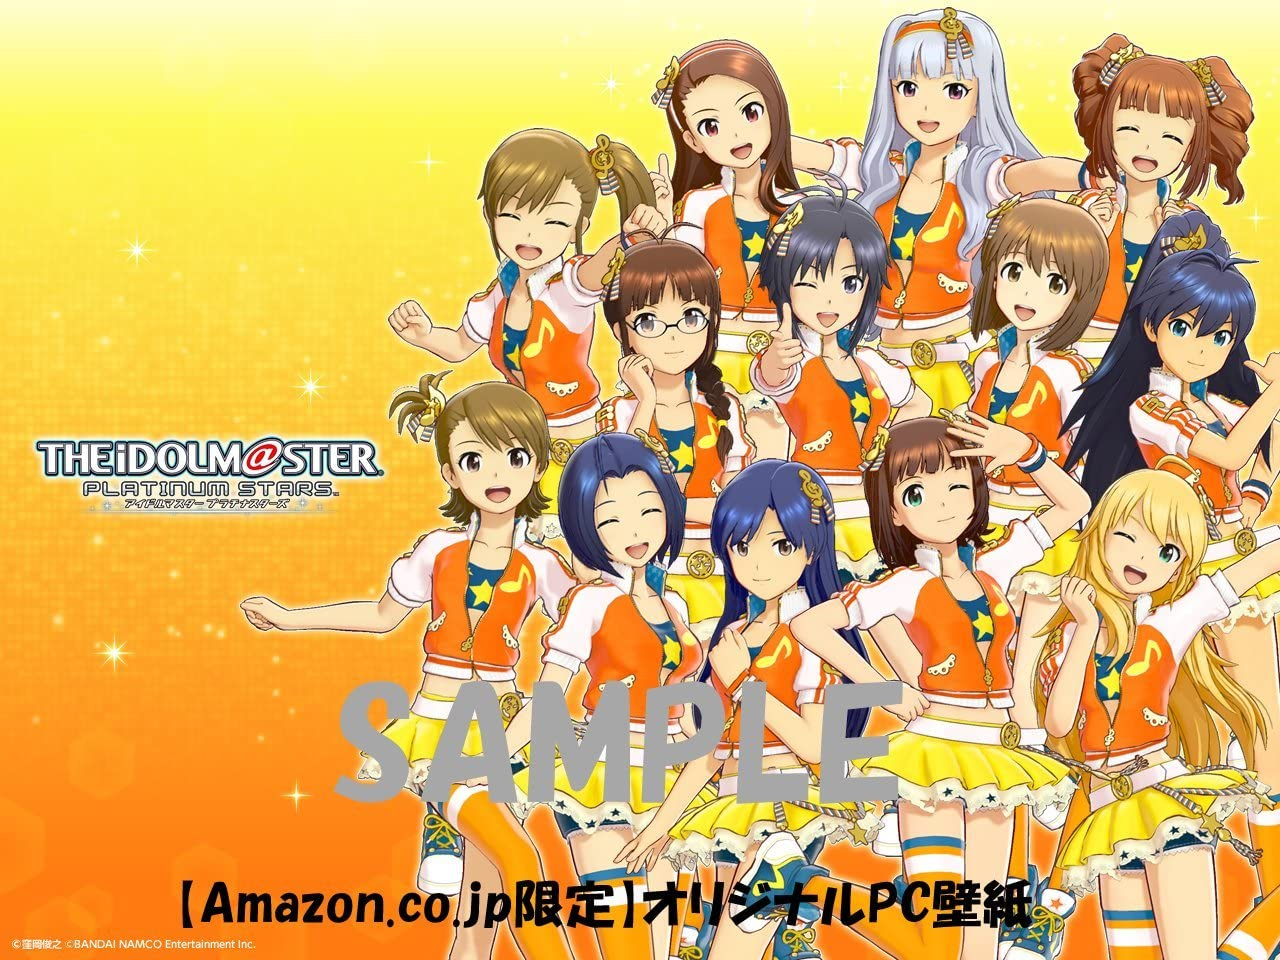 Amazon アイドルマスター プラチナスターズ プラチナbox Amazon Co Jp限定 オリジナルpc壁紙配信 Ps4 ゲーム